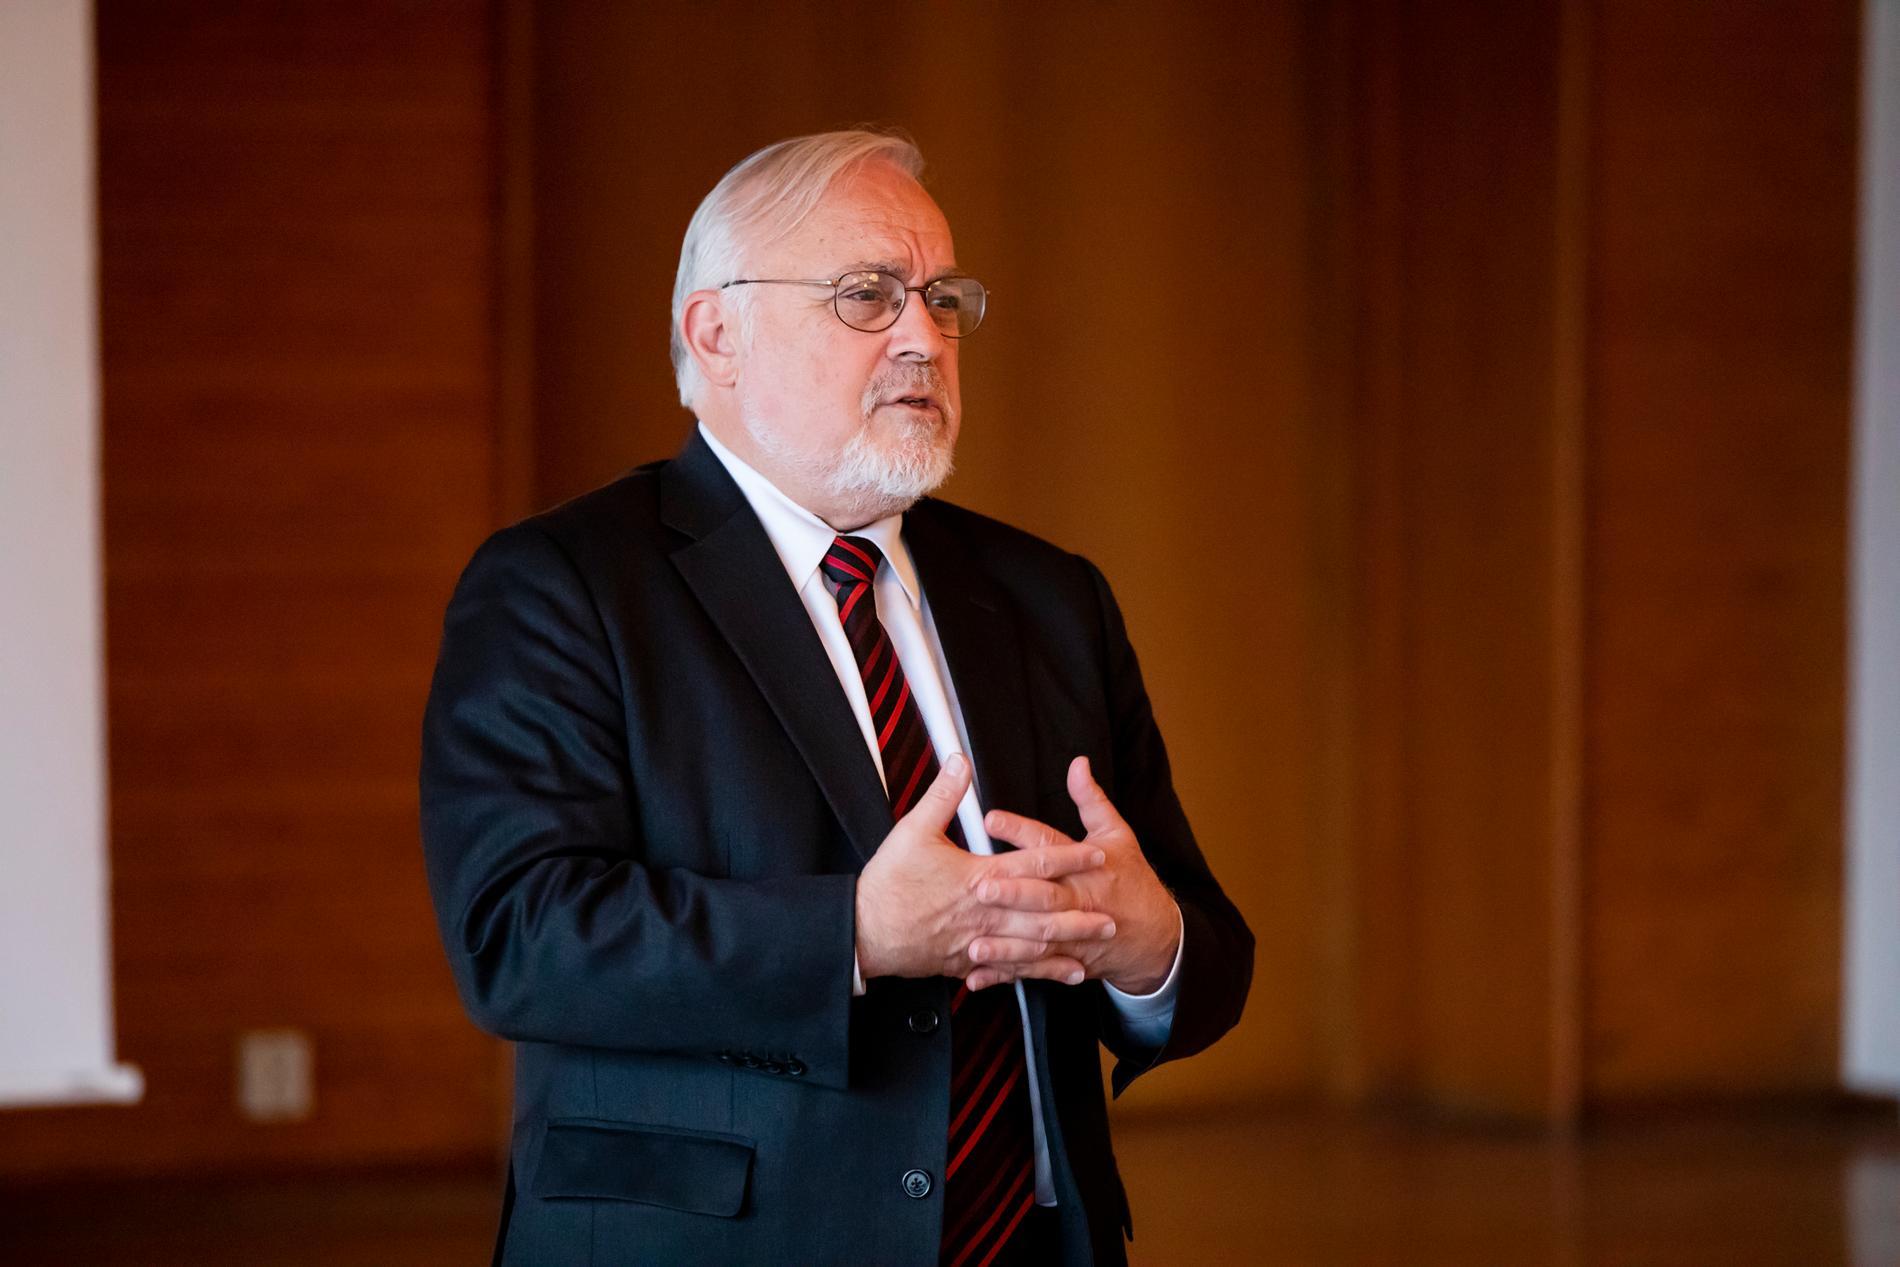 Rabbinen Abraham Cooper från människorättsorganisationen Simon Wiesenthal center på besök på Karolinska för att prata om de påstådda trakasserierna.